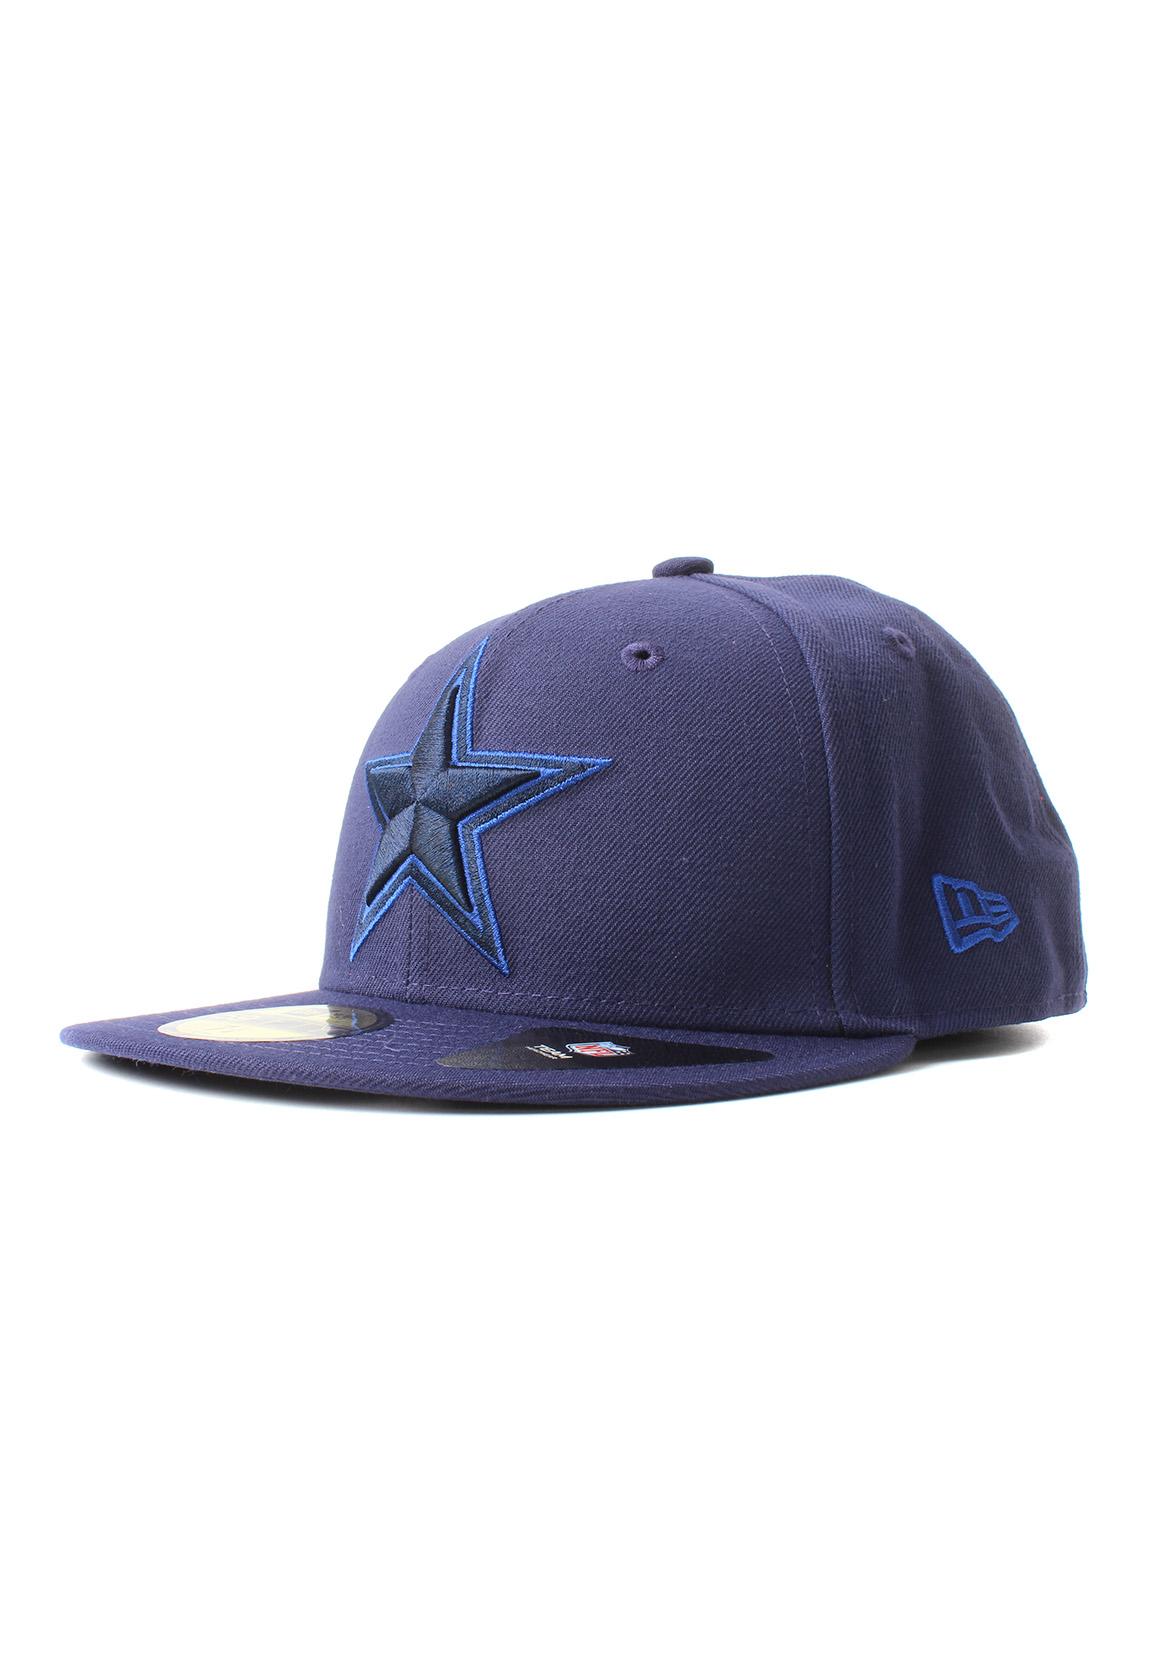 online store f3fe9 def98 New Era League Pop 59fifty Cap Dallas Cowboys Blau Accessoires Caps